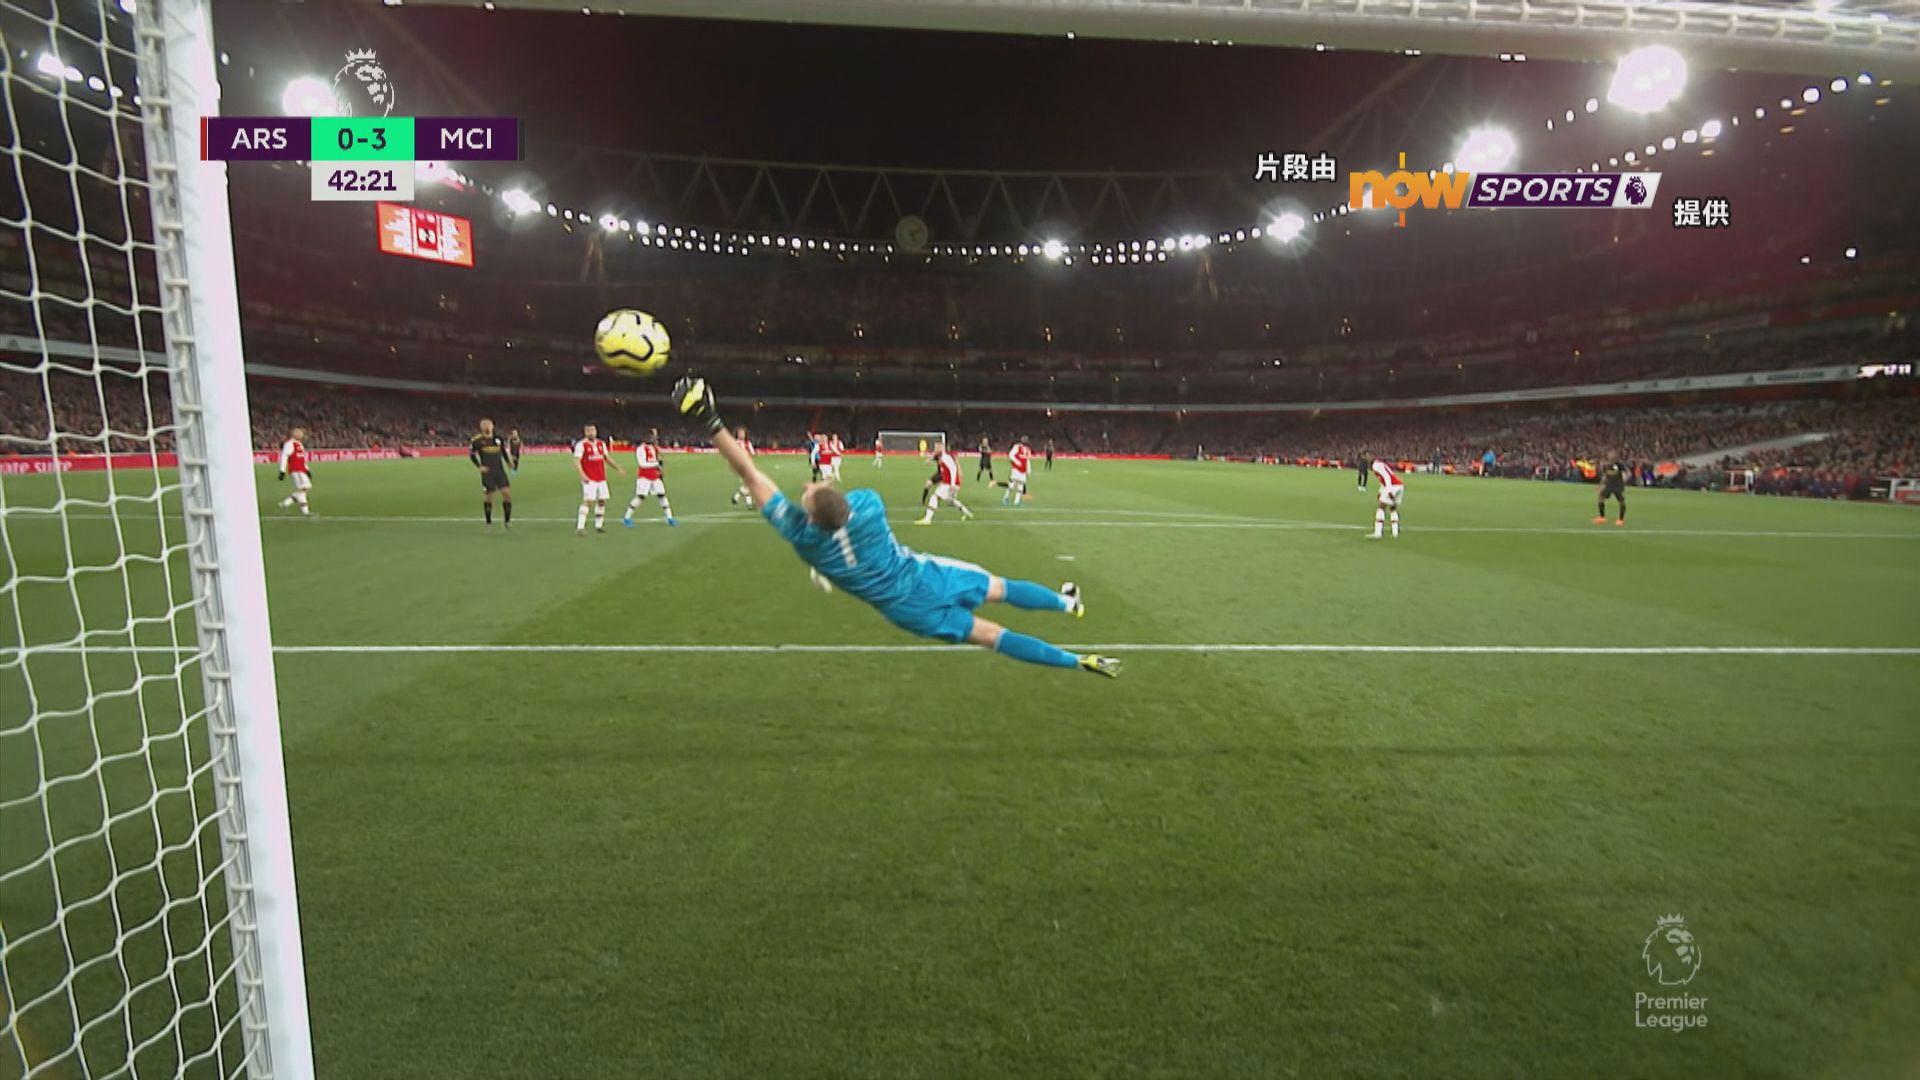 英超 阿仙奴0:3曼城